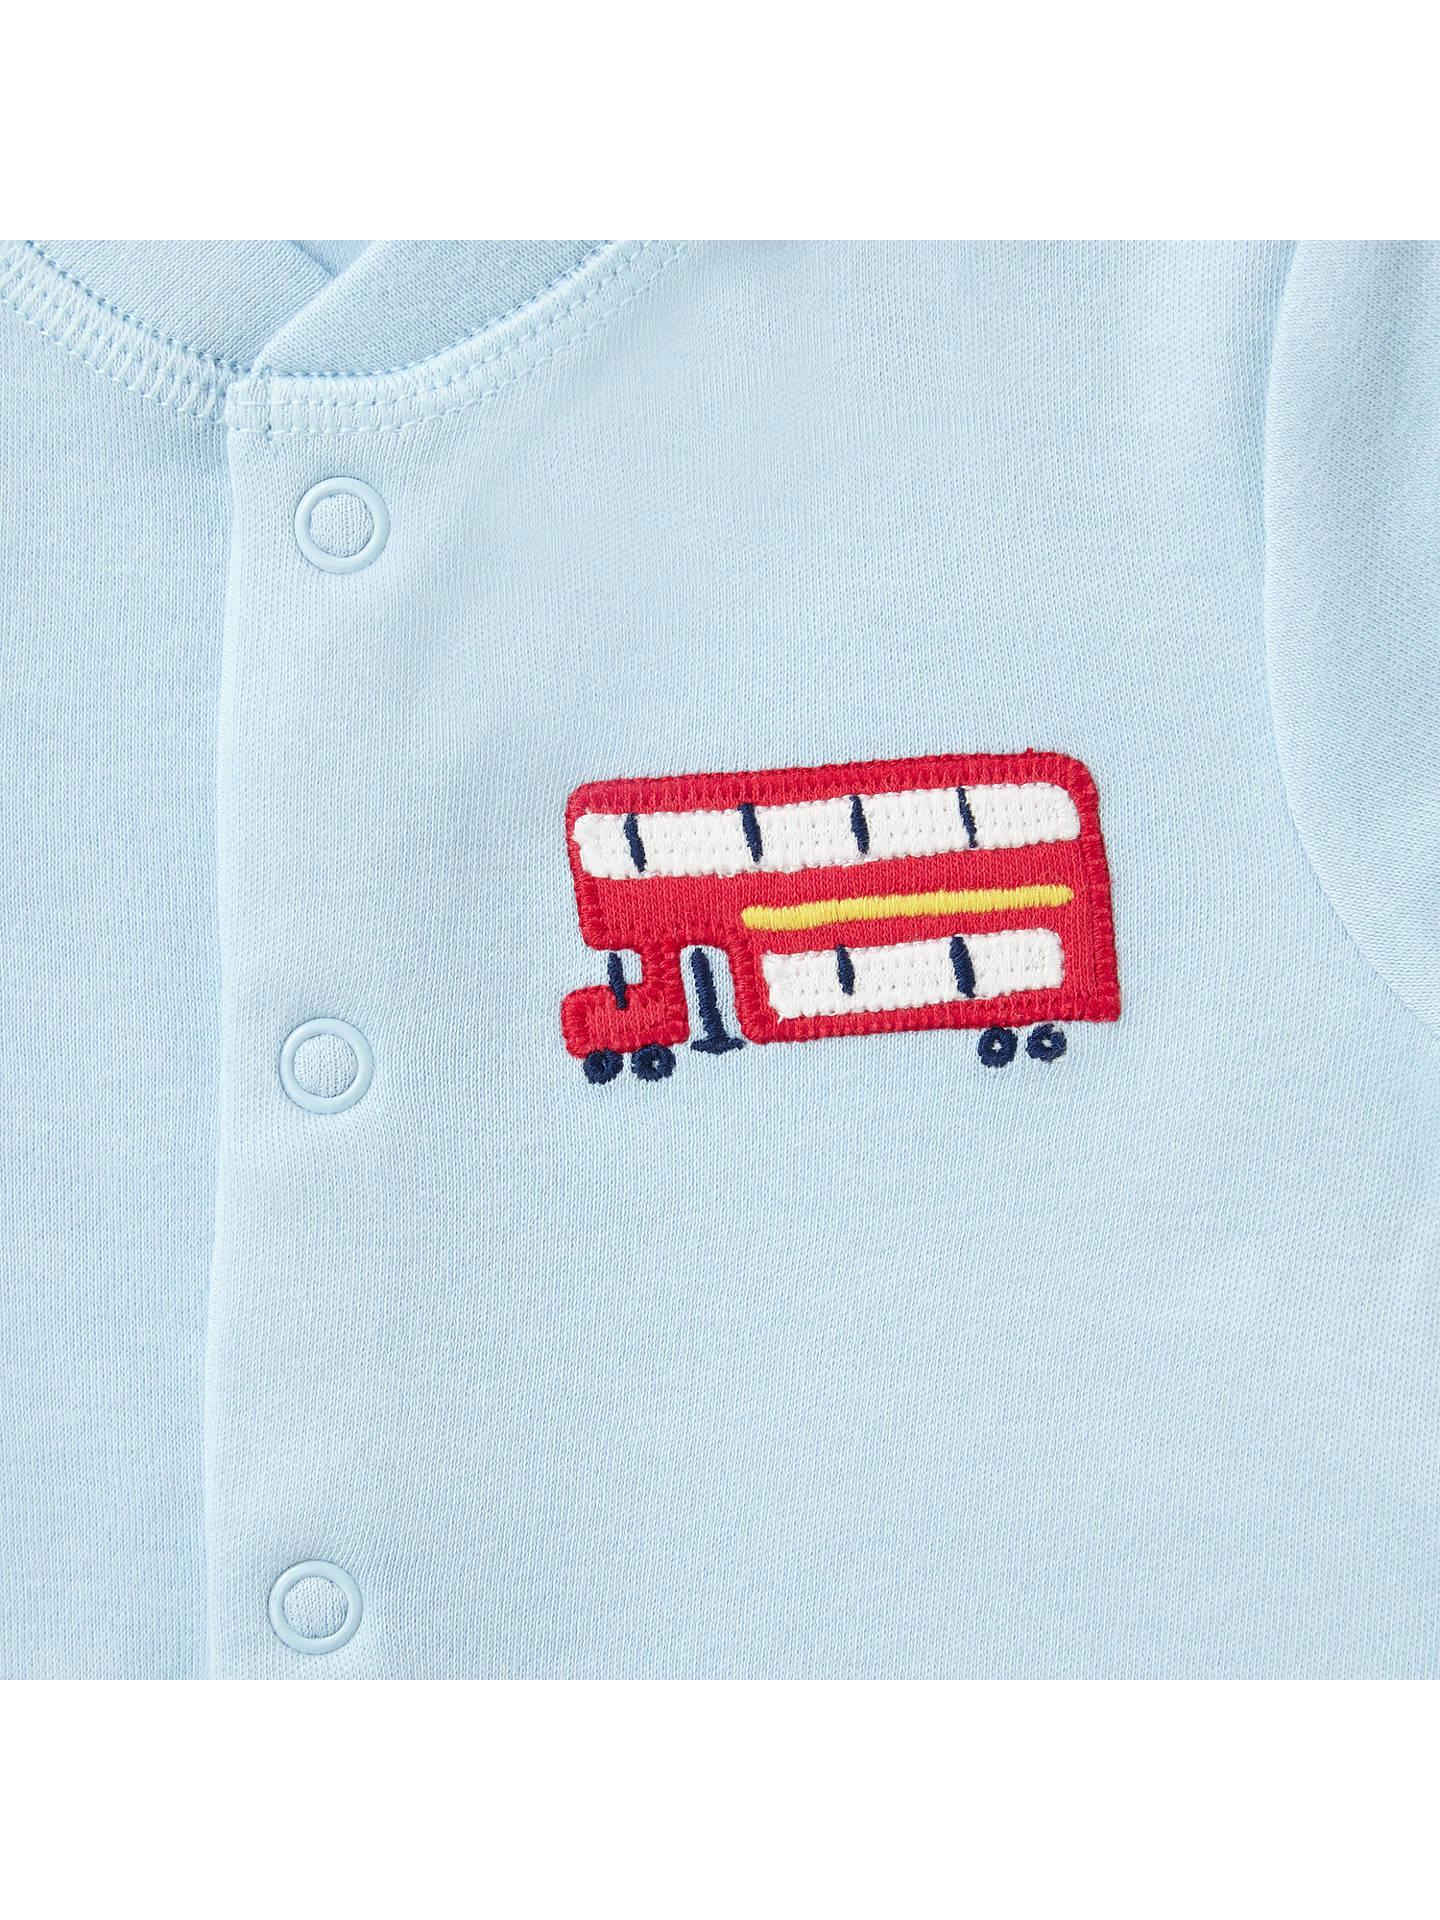 John Lewis & Partners Baby London Bus Sleepsuit Pack of 3 Blue